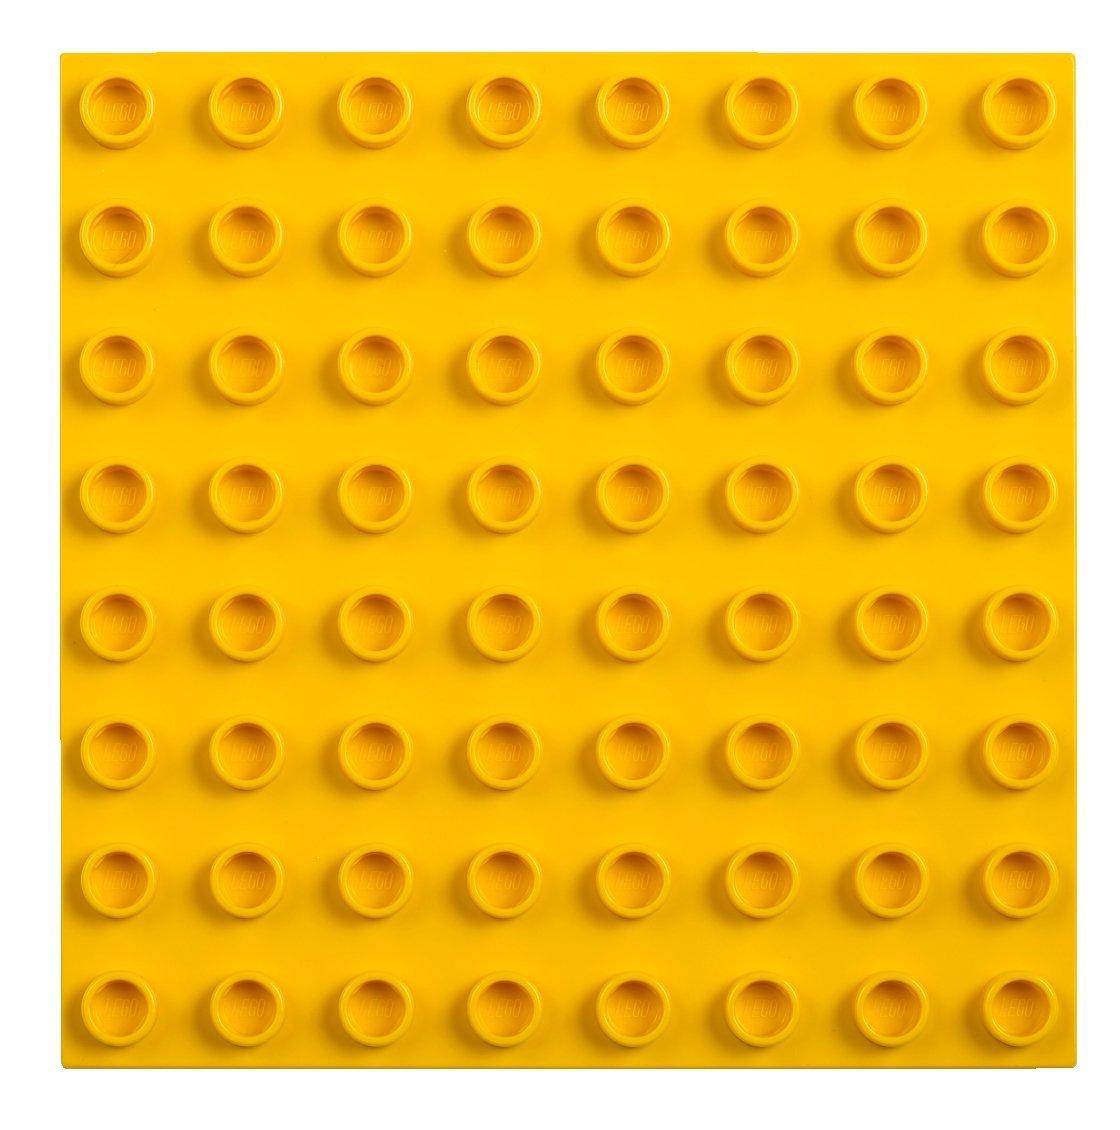 Đồ chơi xếp hình Lego Duplo 4632 - Đế lắp ráp nhiều màu